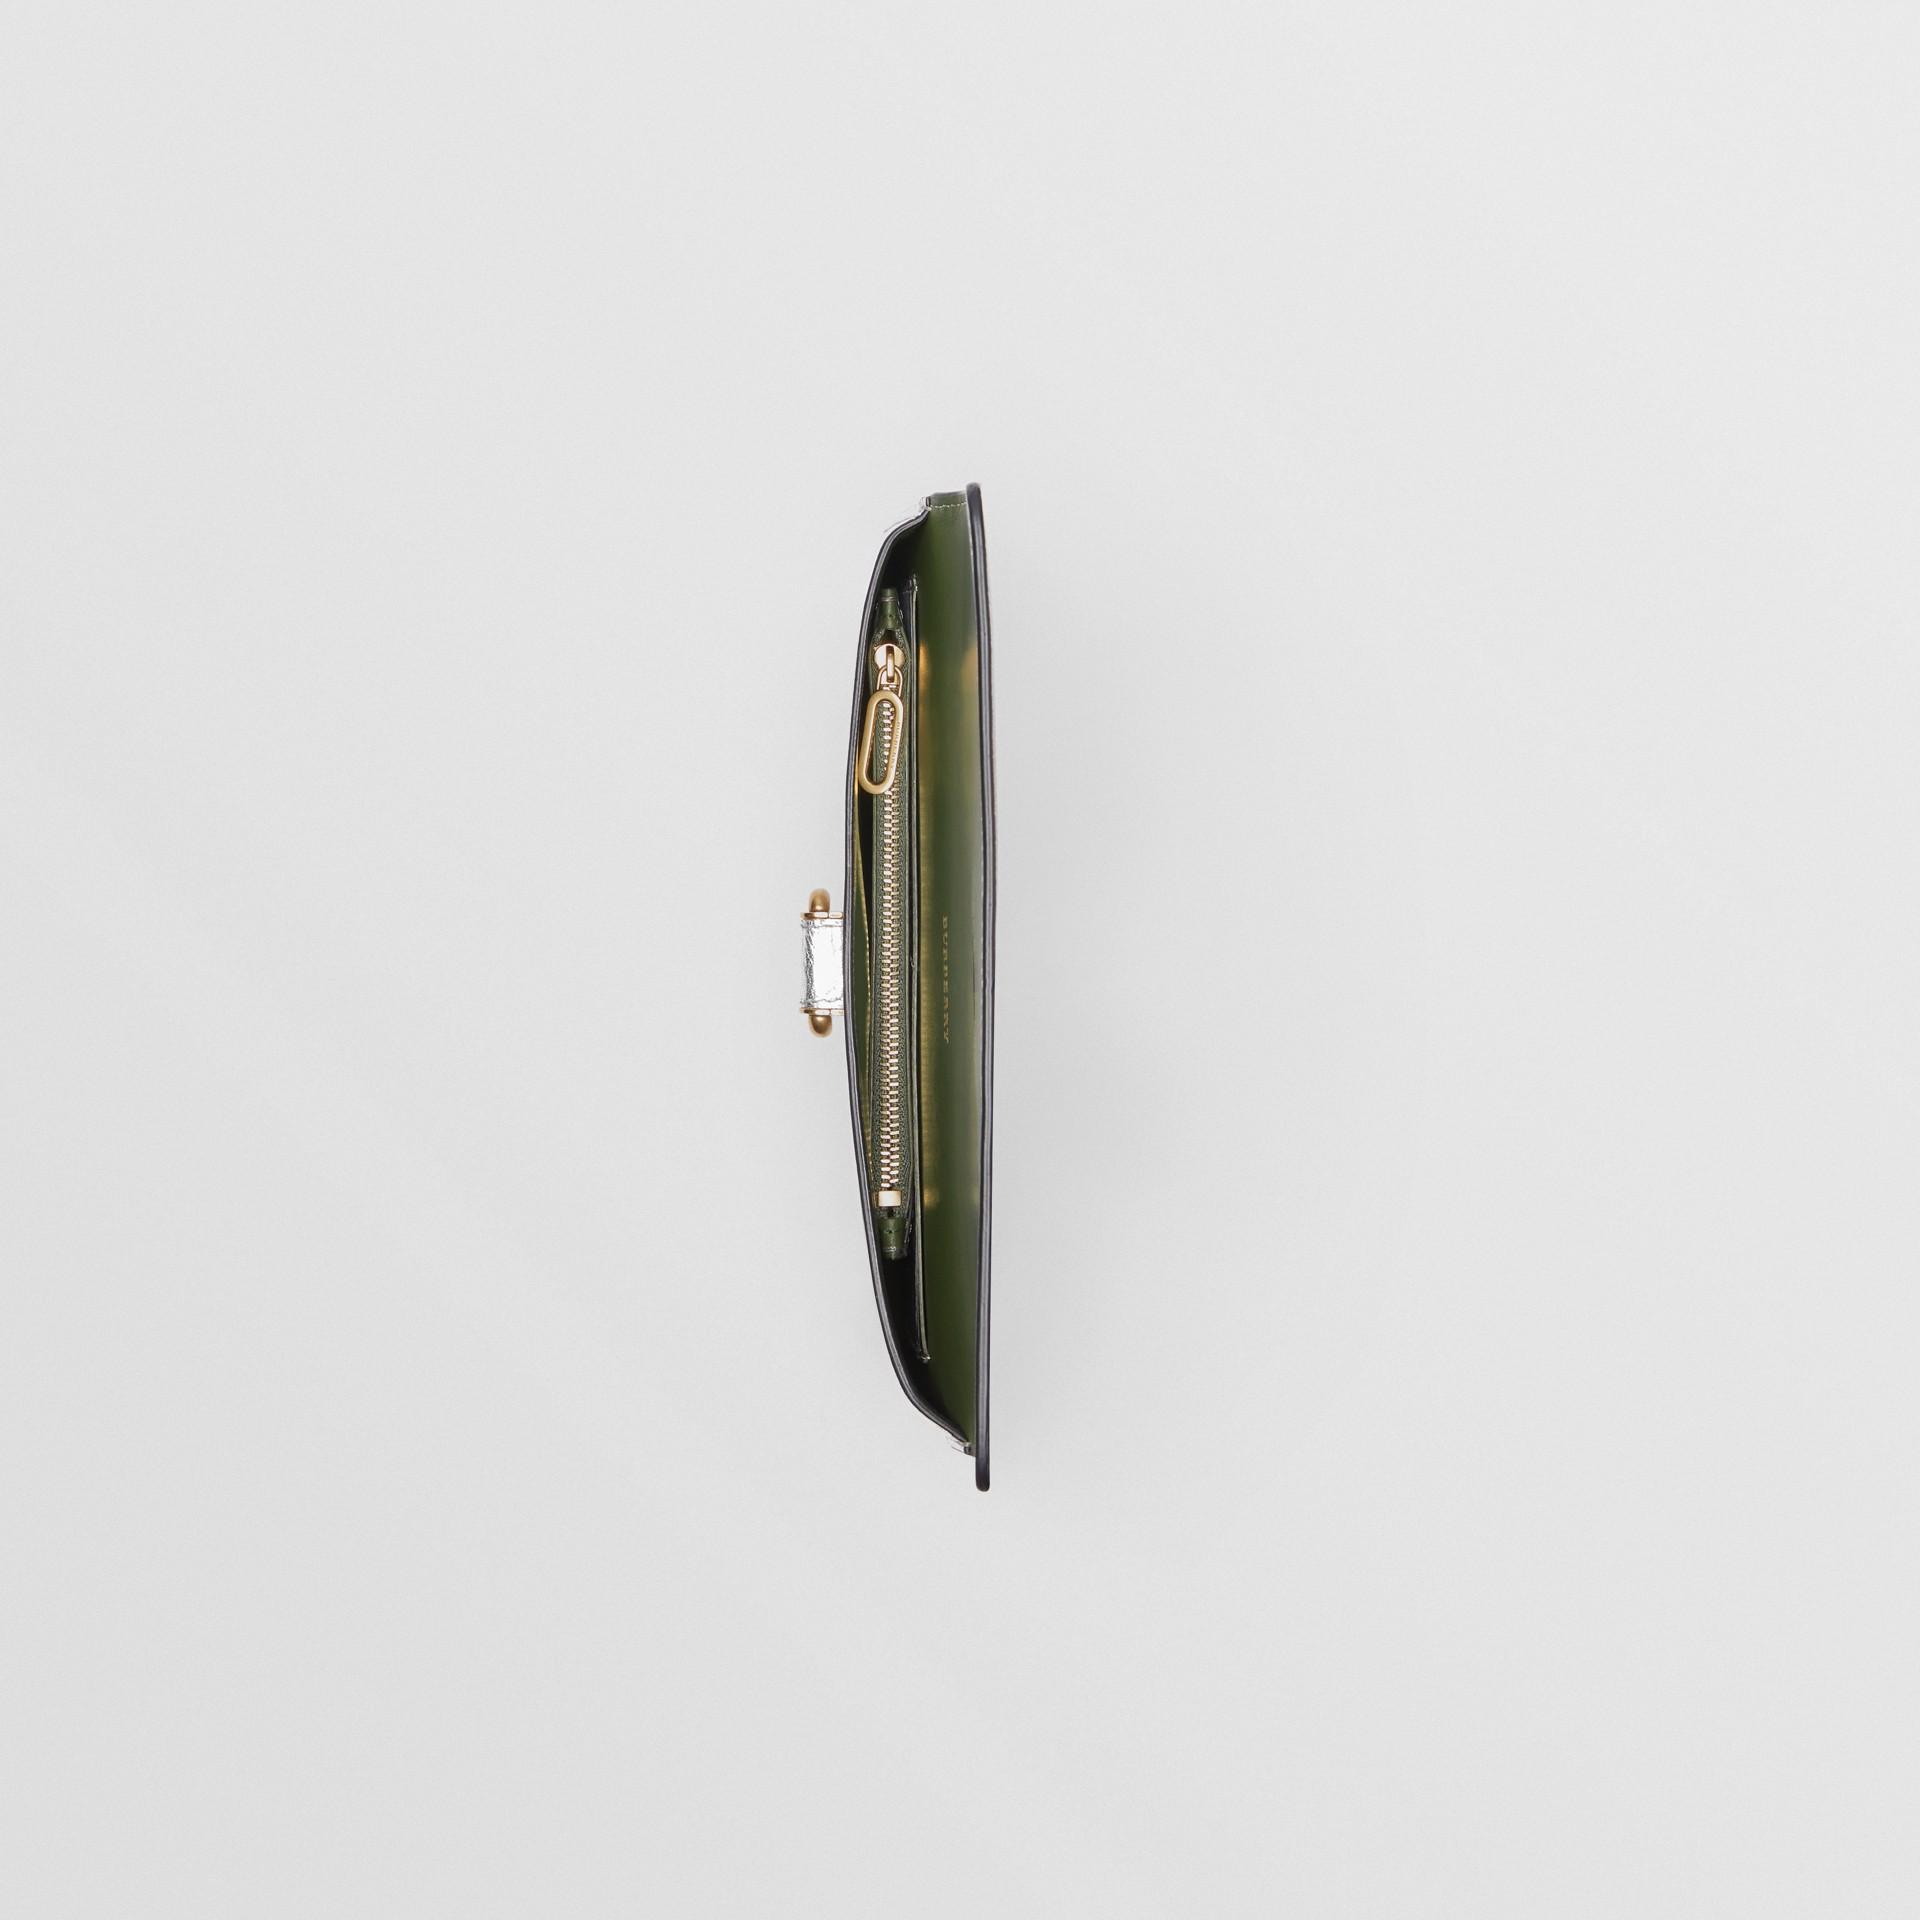 Trousse con portamonete in pelle metallizzata con cerniera e anello a D (Argento) - Donna | Burberry - immagine della galleria 5